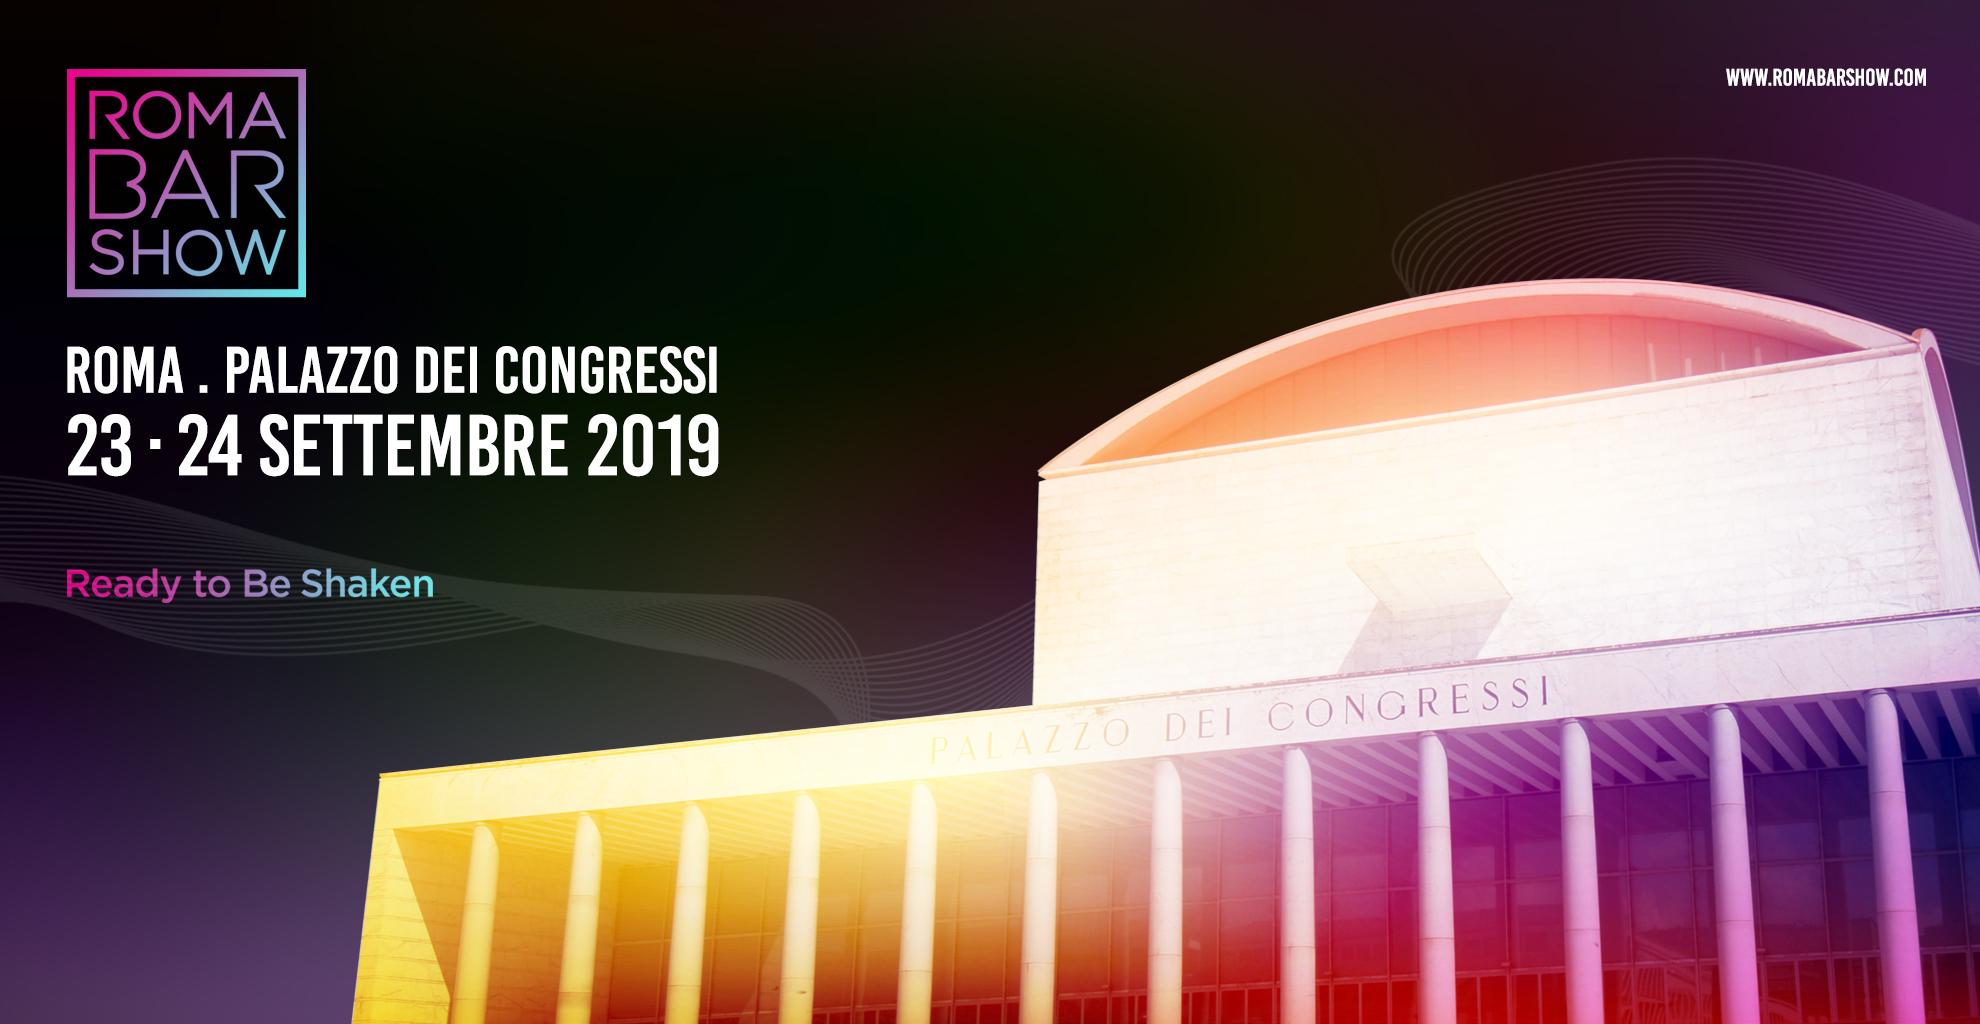 ROMA BAR SHOW prima edizione al Palazzo dei Congressi all'EUR